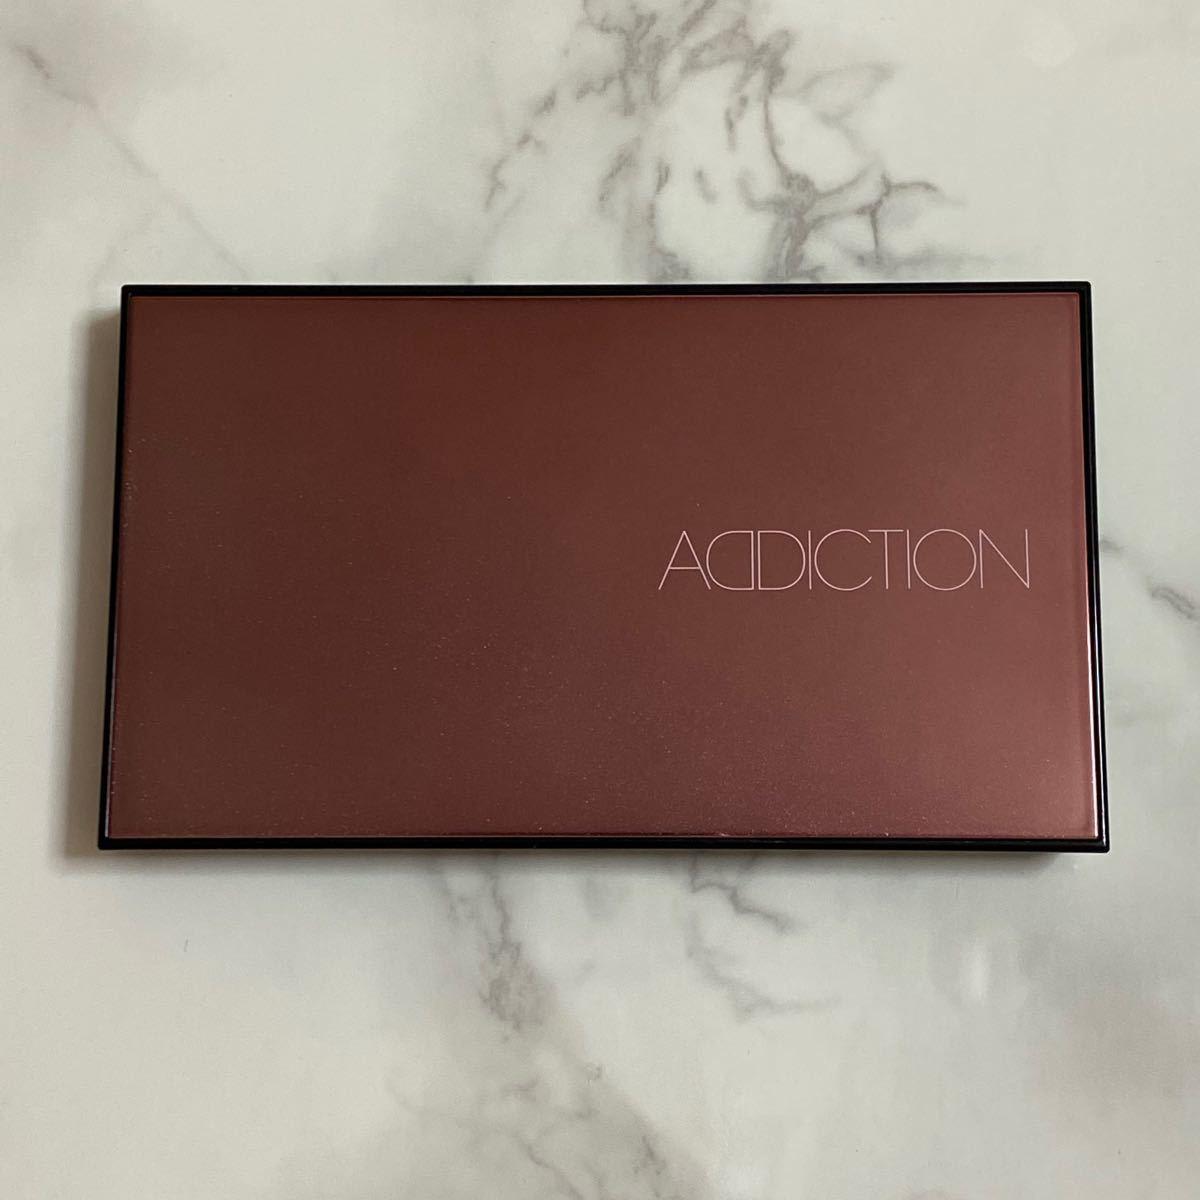 ADDICTION(アディクション) コンパクトアディクション パーティタッチ アイシャドウ 003チョコレートパーティ